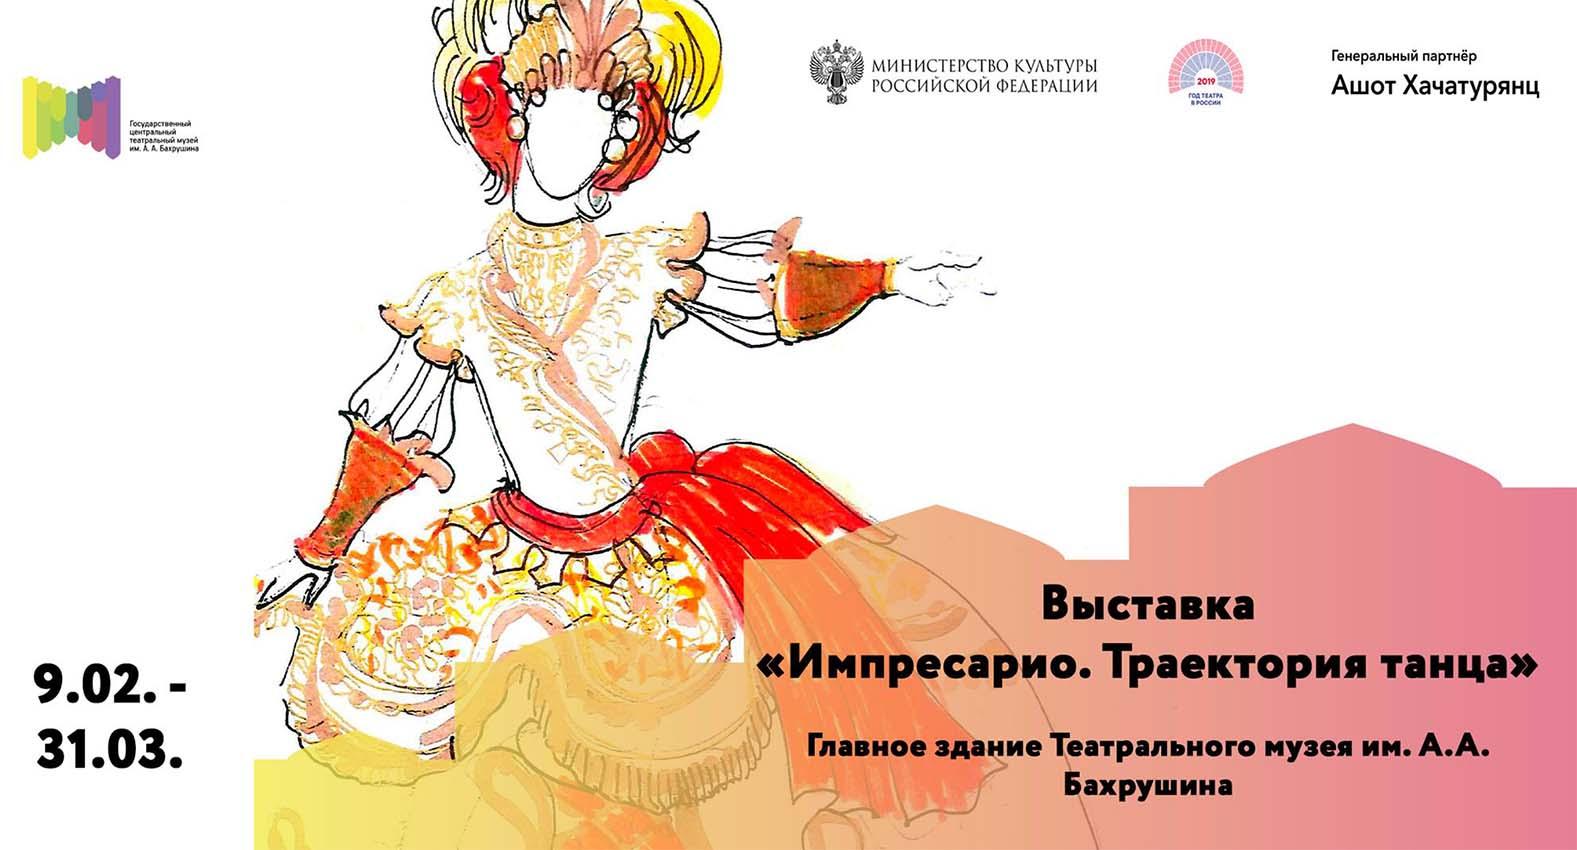 Игорь Дрёмин: Выставка «Импрессарио. Траектория танца»